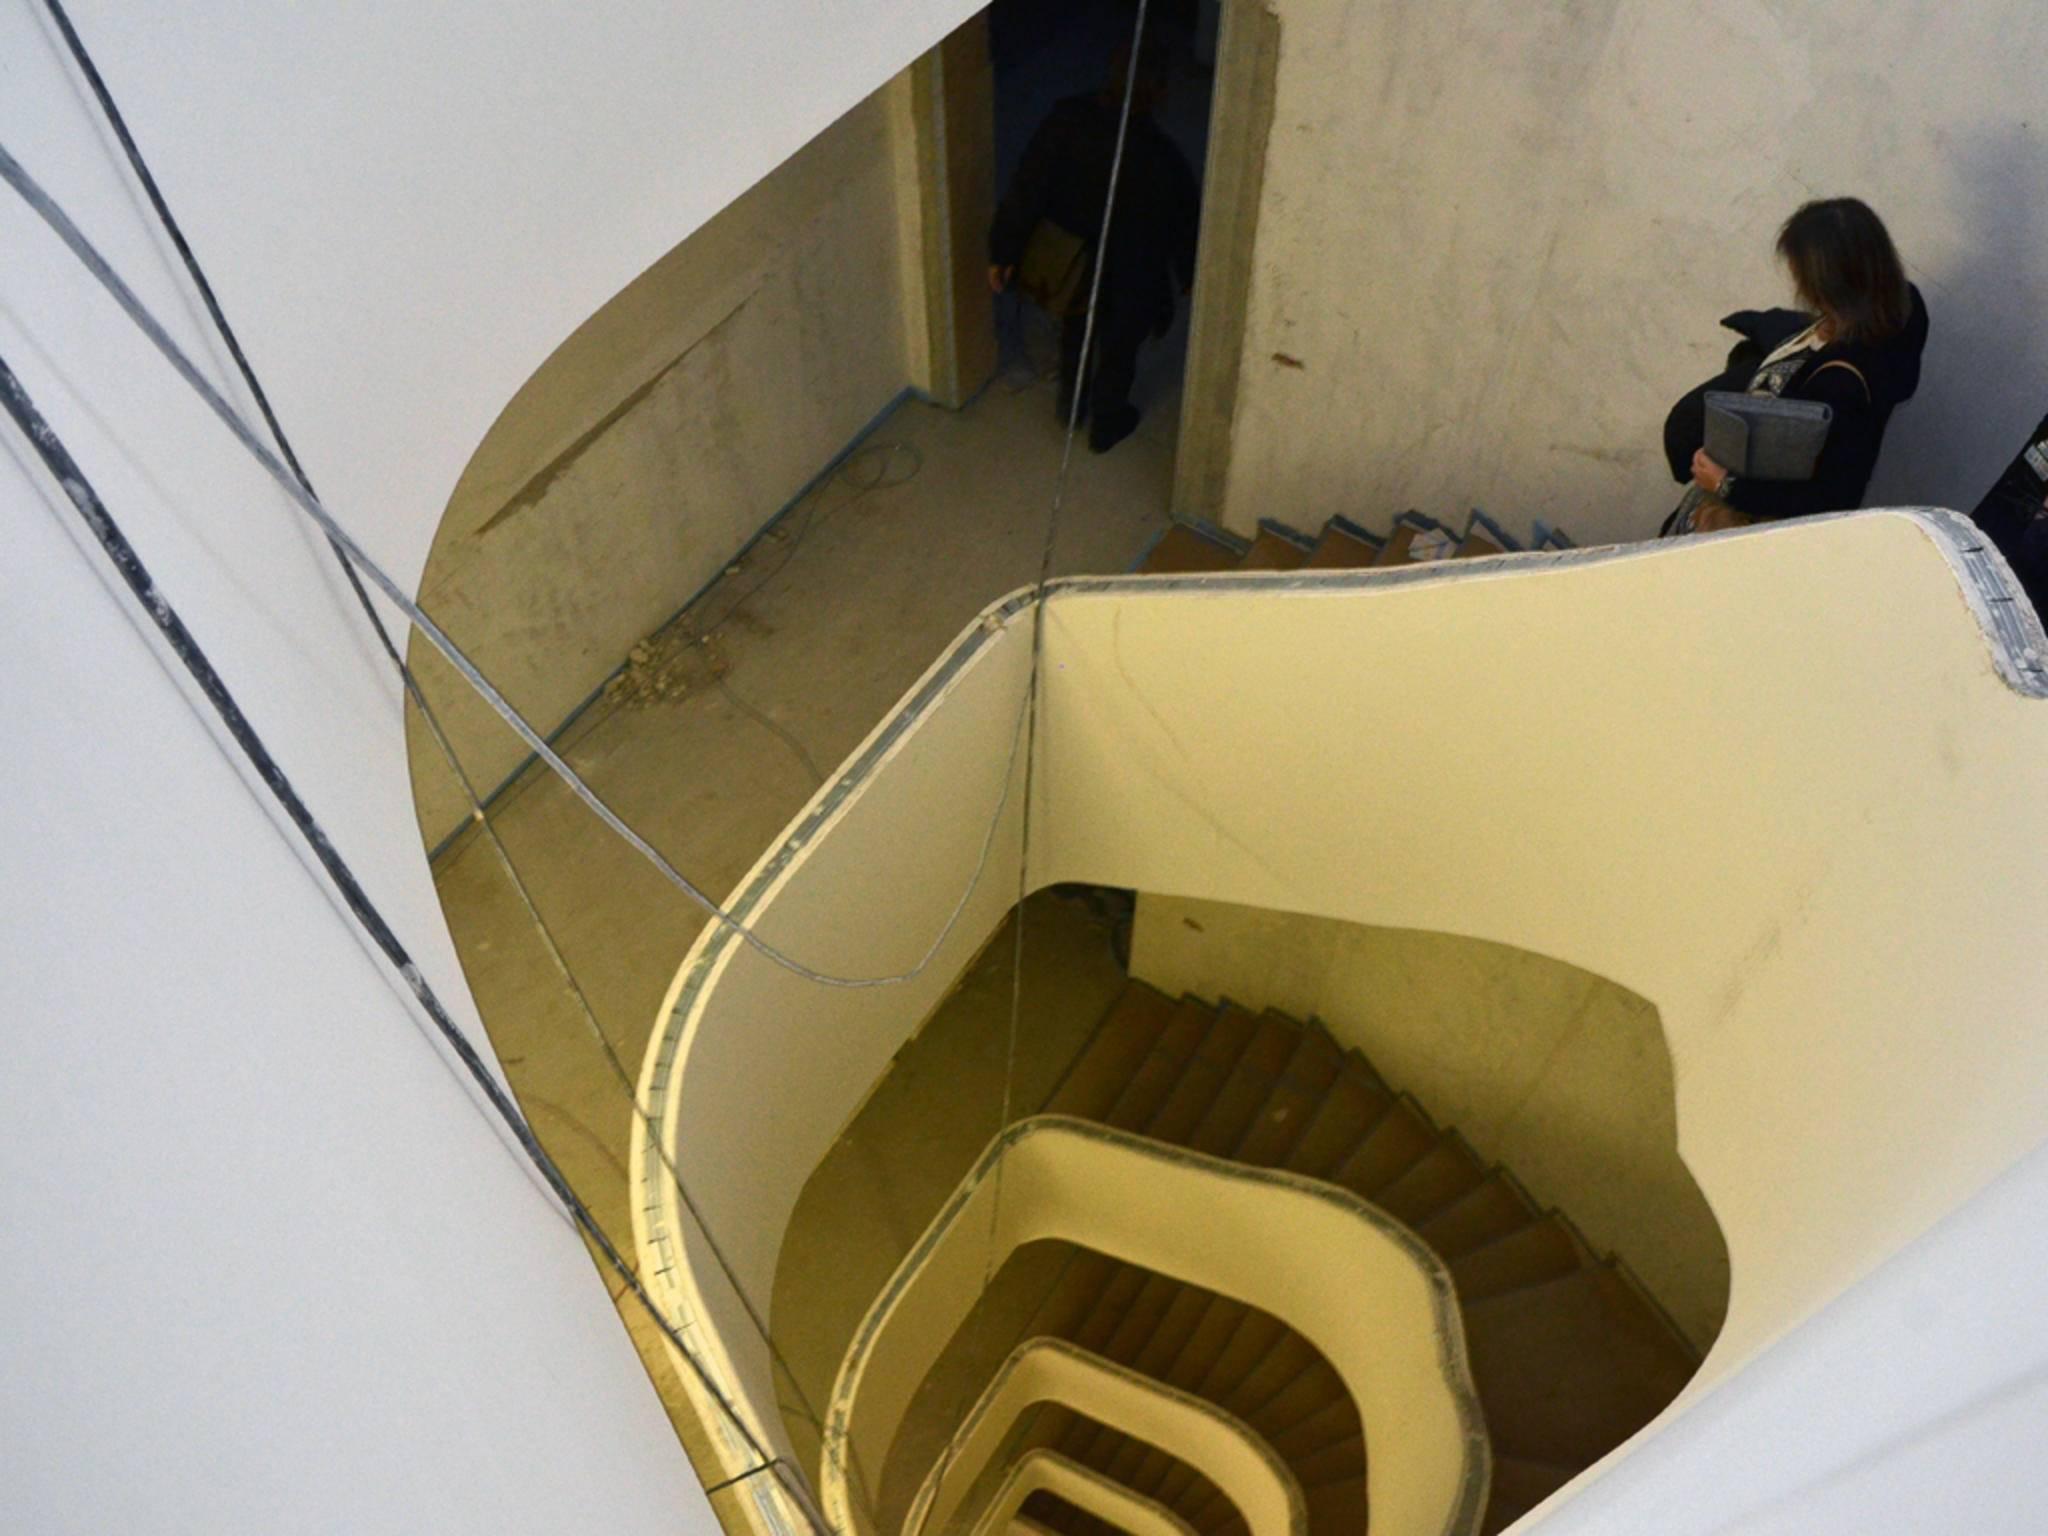 ... über das geräumige Treppenhaus erreichen kann.